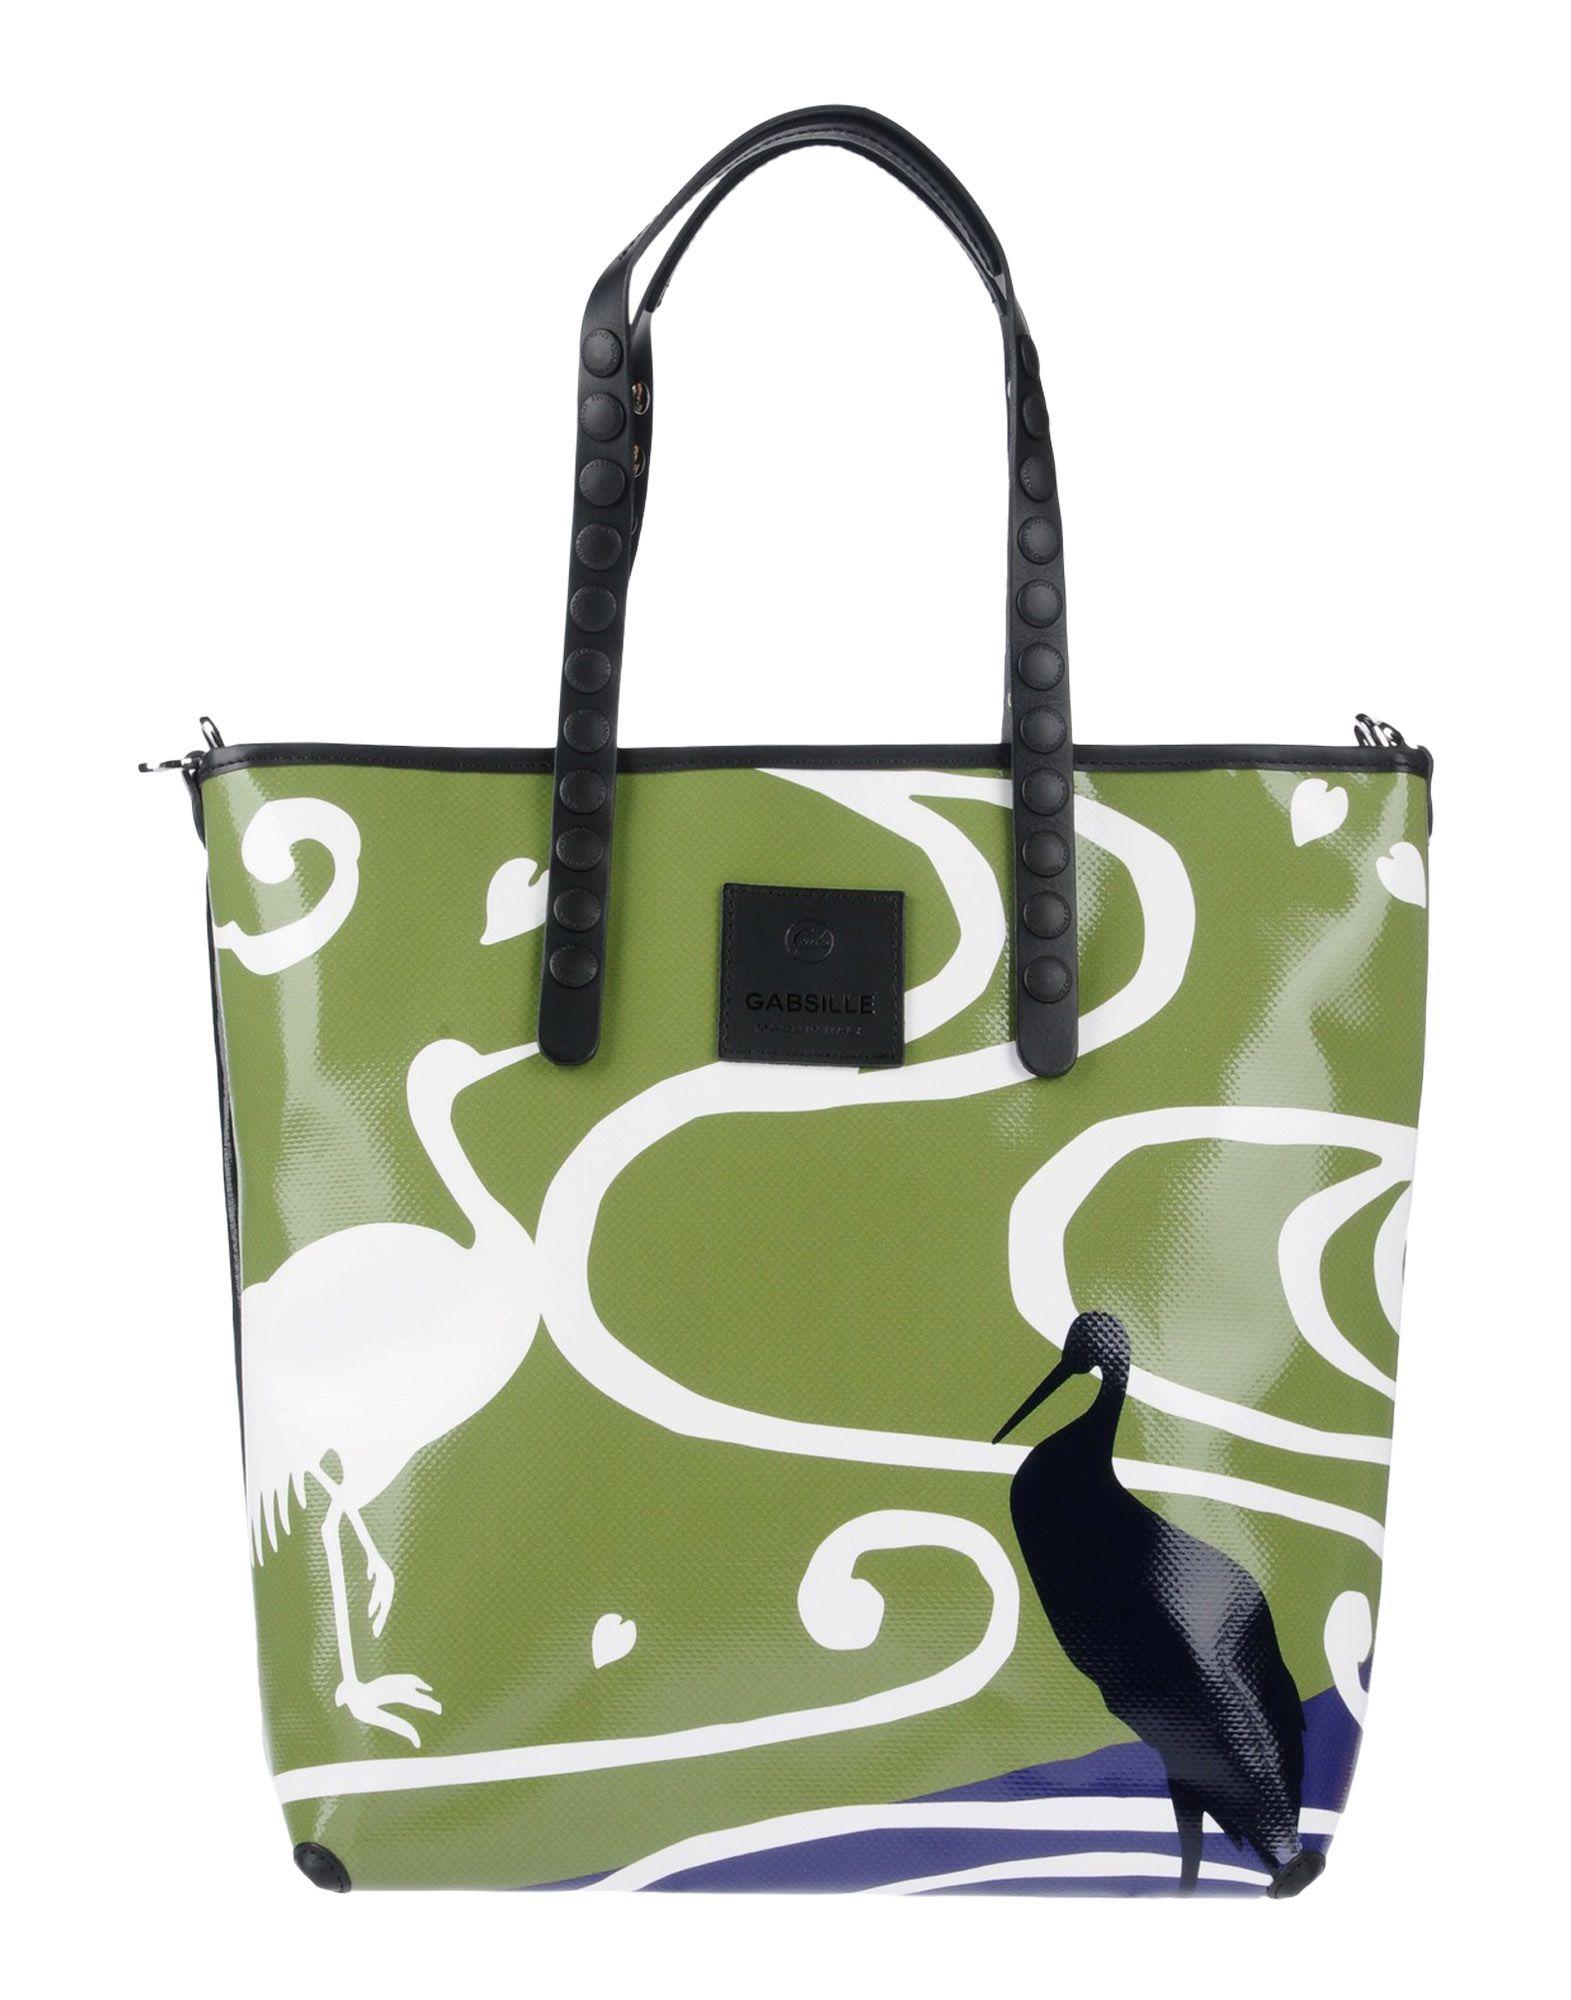 b935aa3f689f Gabs Handbag - Women Gabs Handbags online on YOOX Netherlands ...